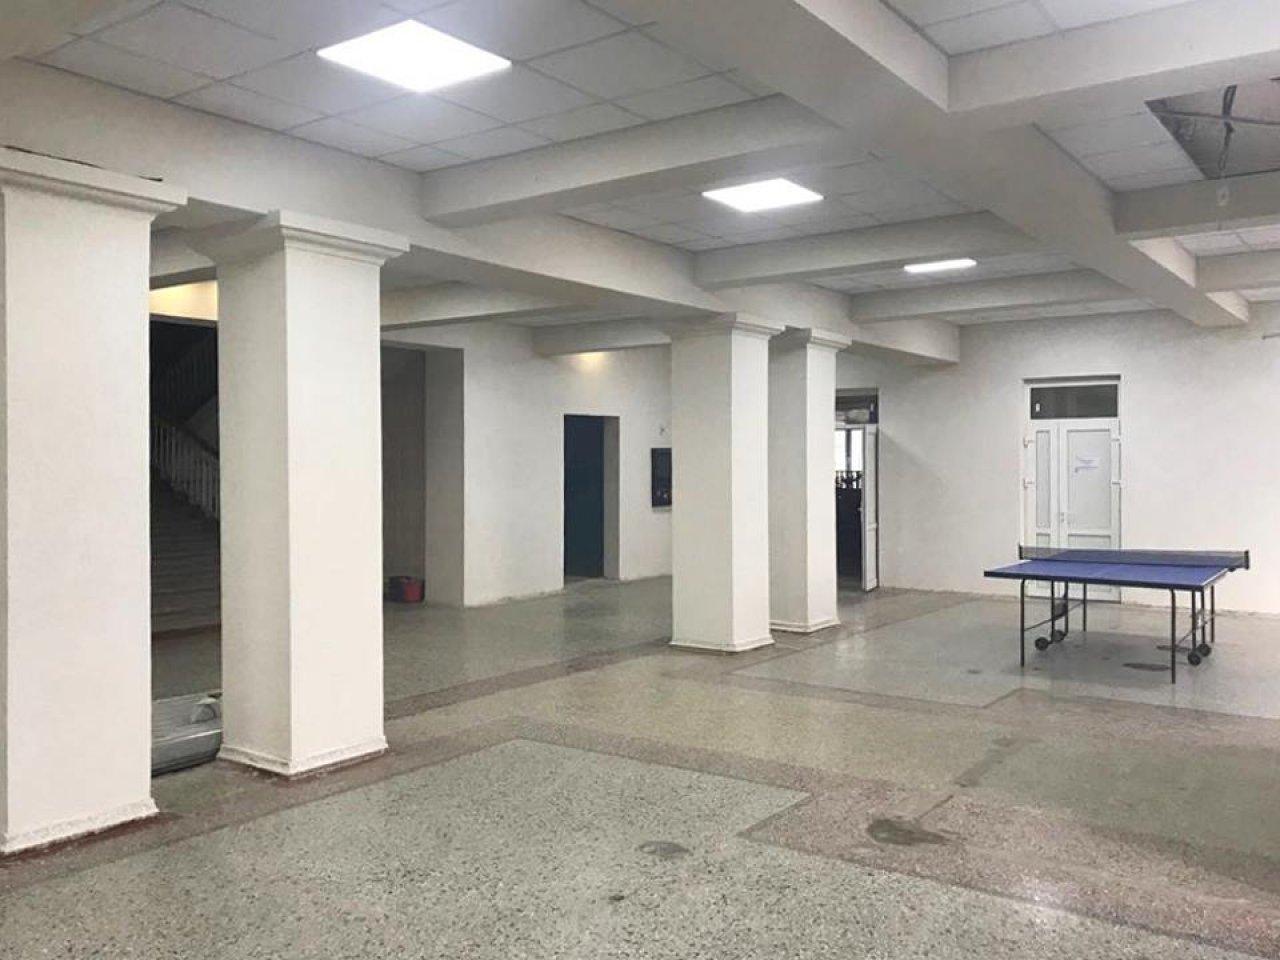 В Николаеве продолжает реконструкция школы-интерната №3 - стоимость работ превышает 27,6 млн грн, фото-6